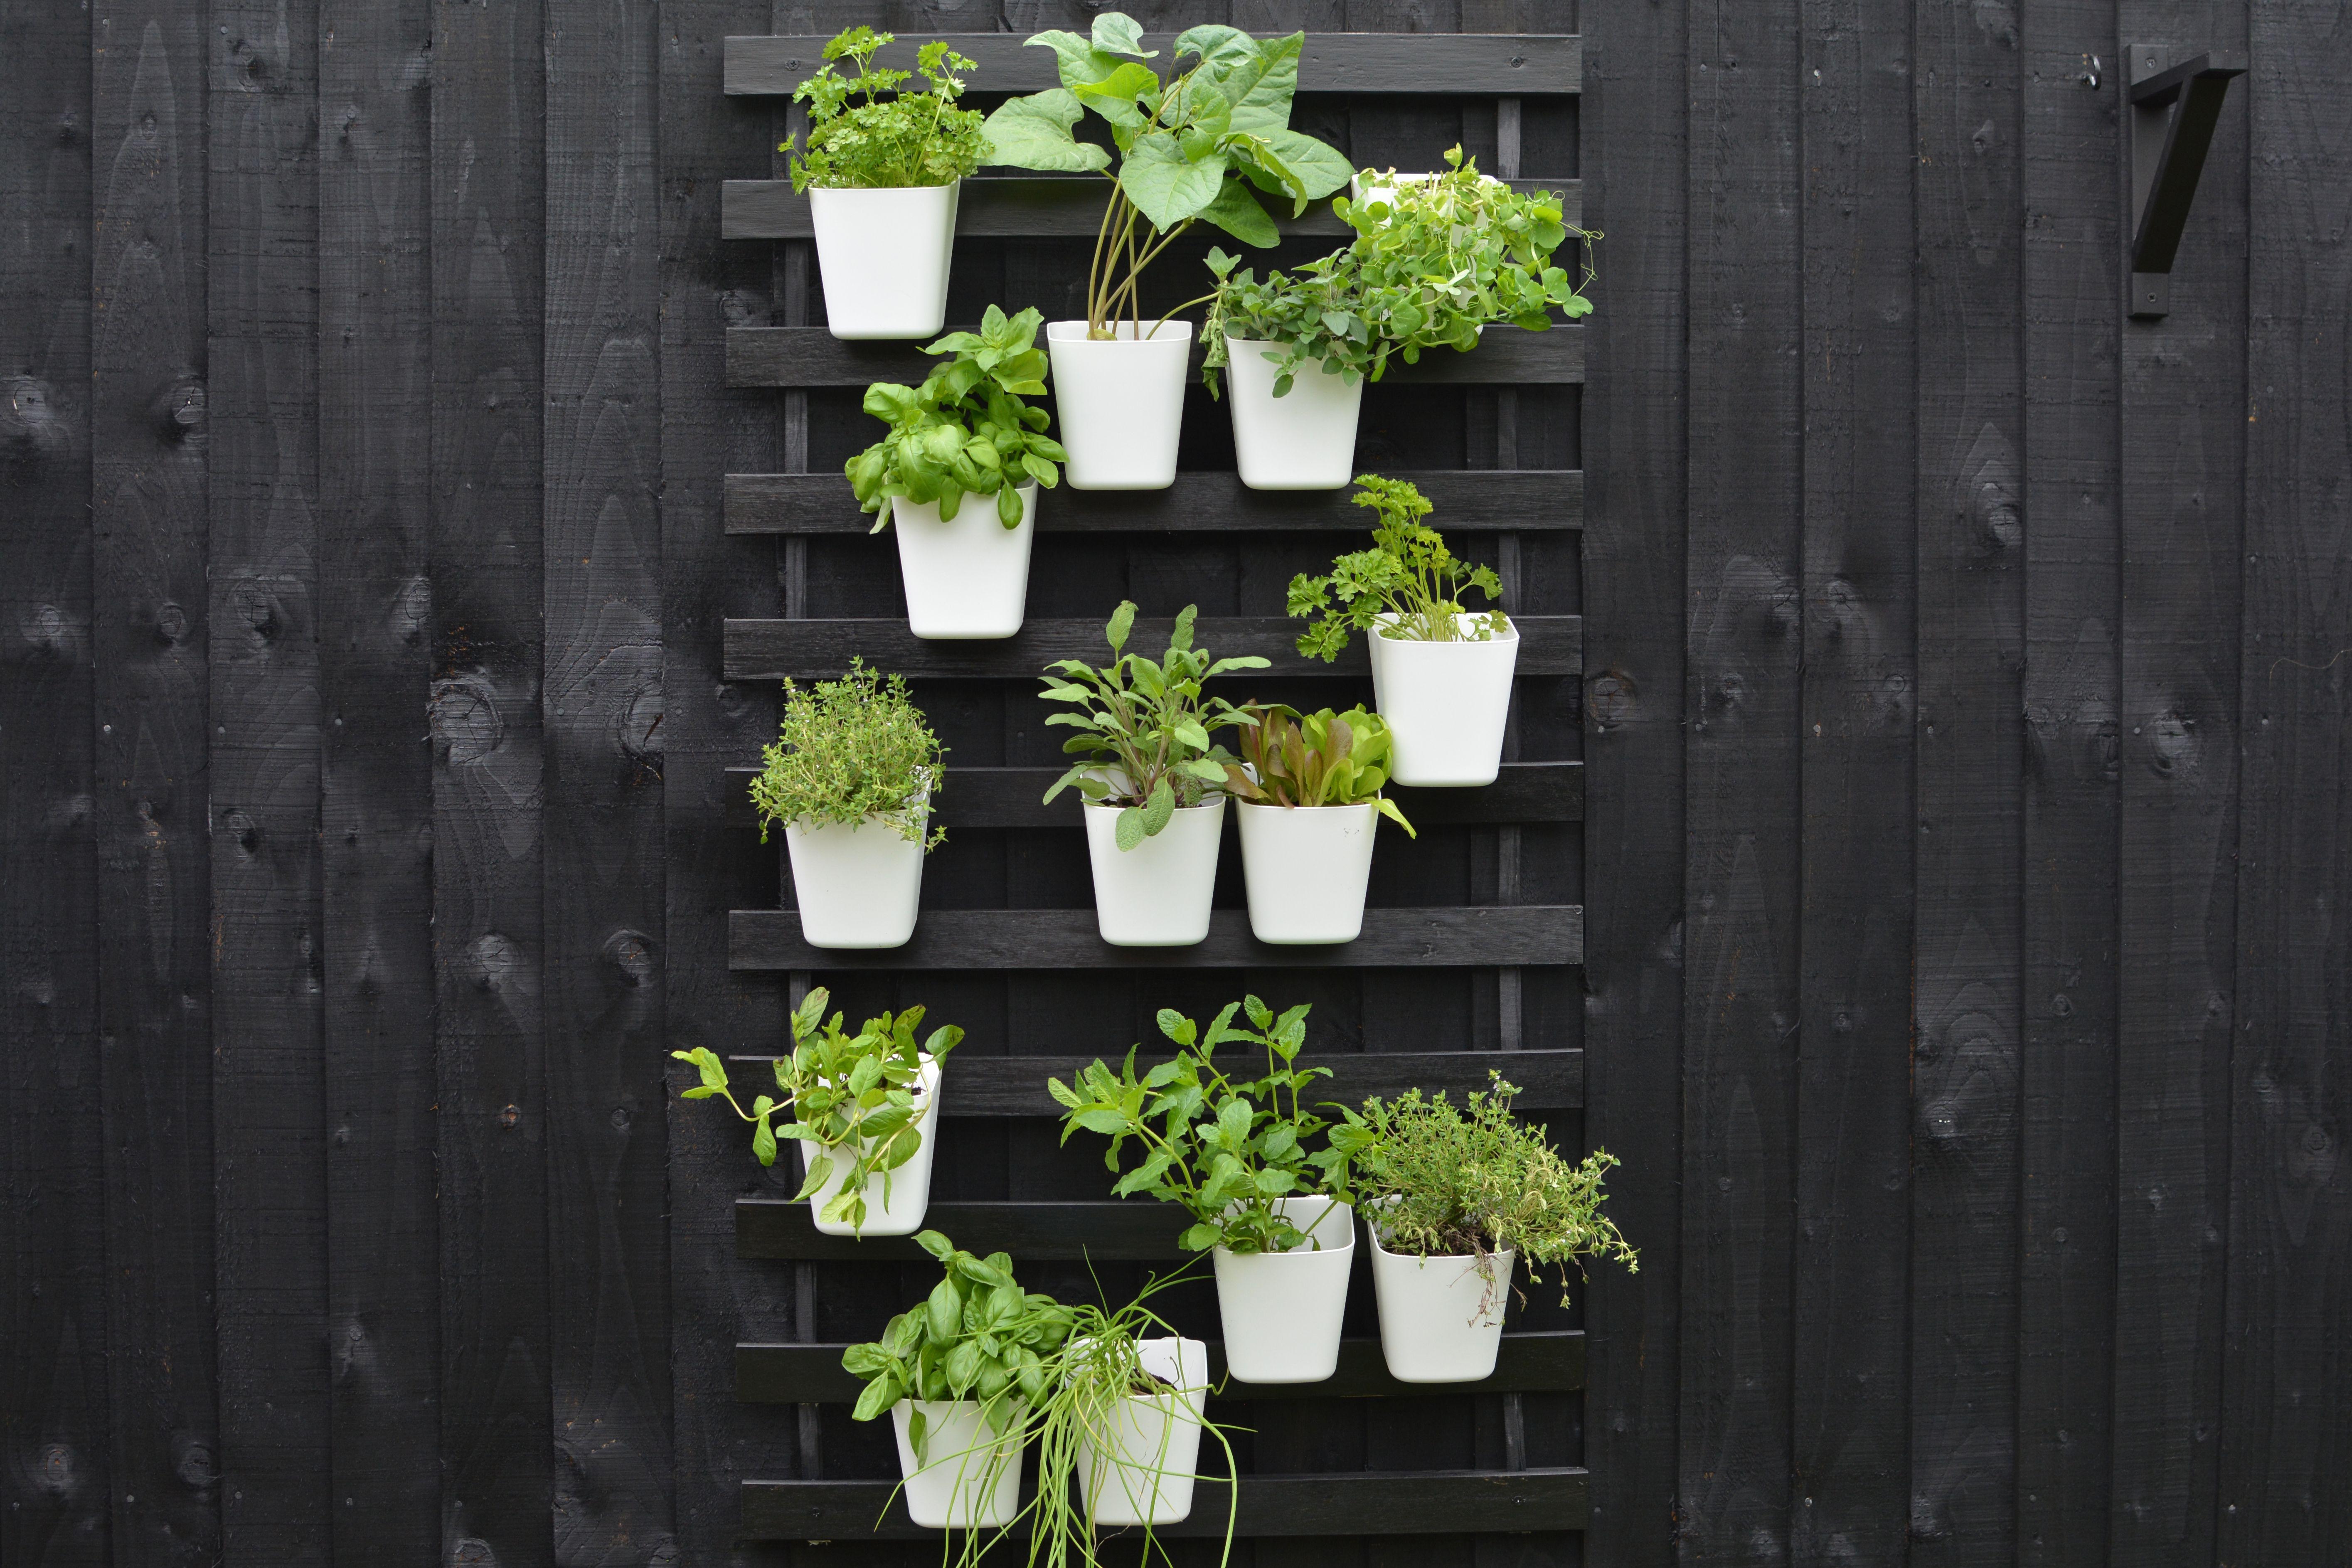 Create A Modern Vertical Garden Using Ikea Bed Slats Ikea Bed